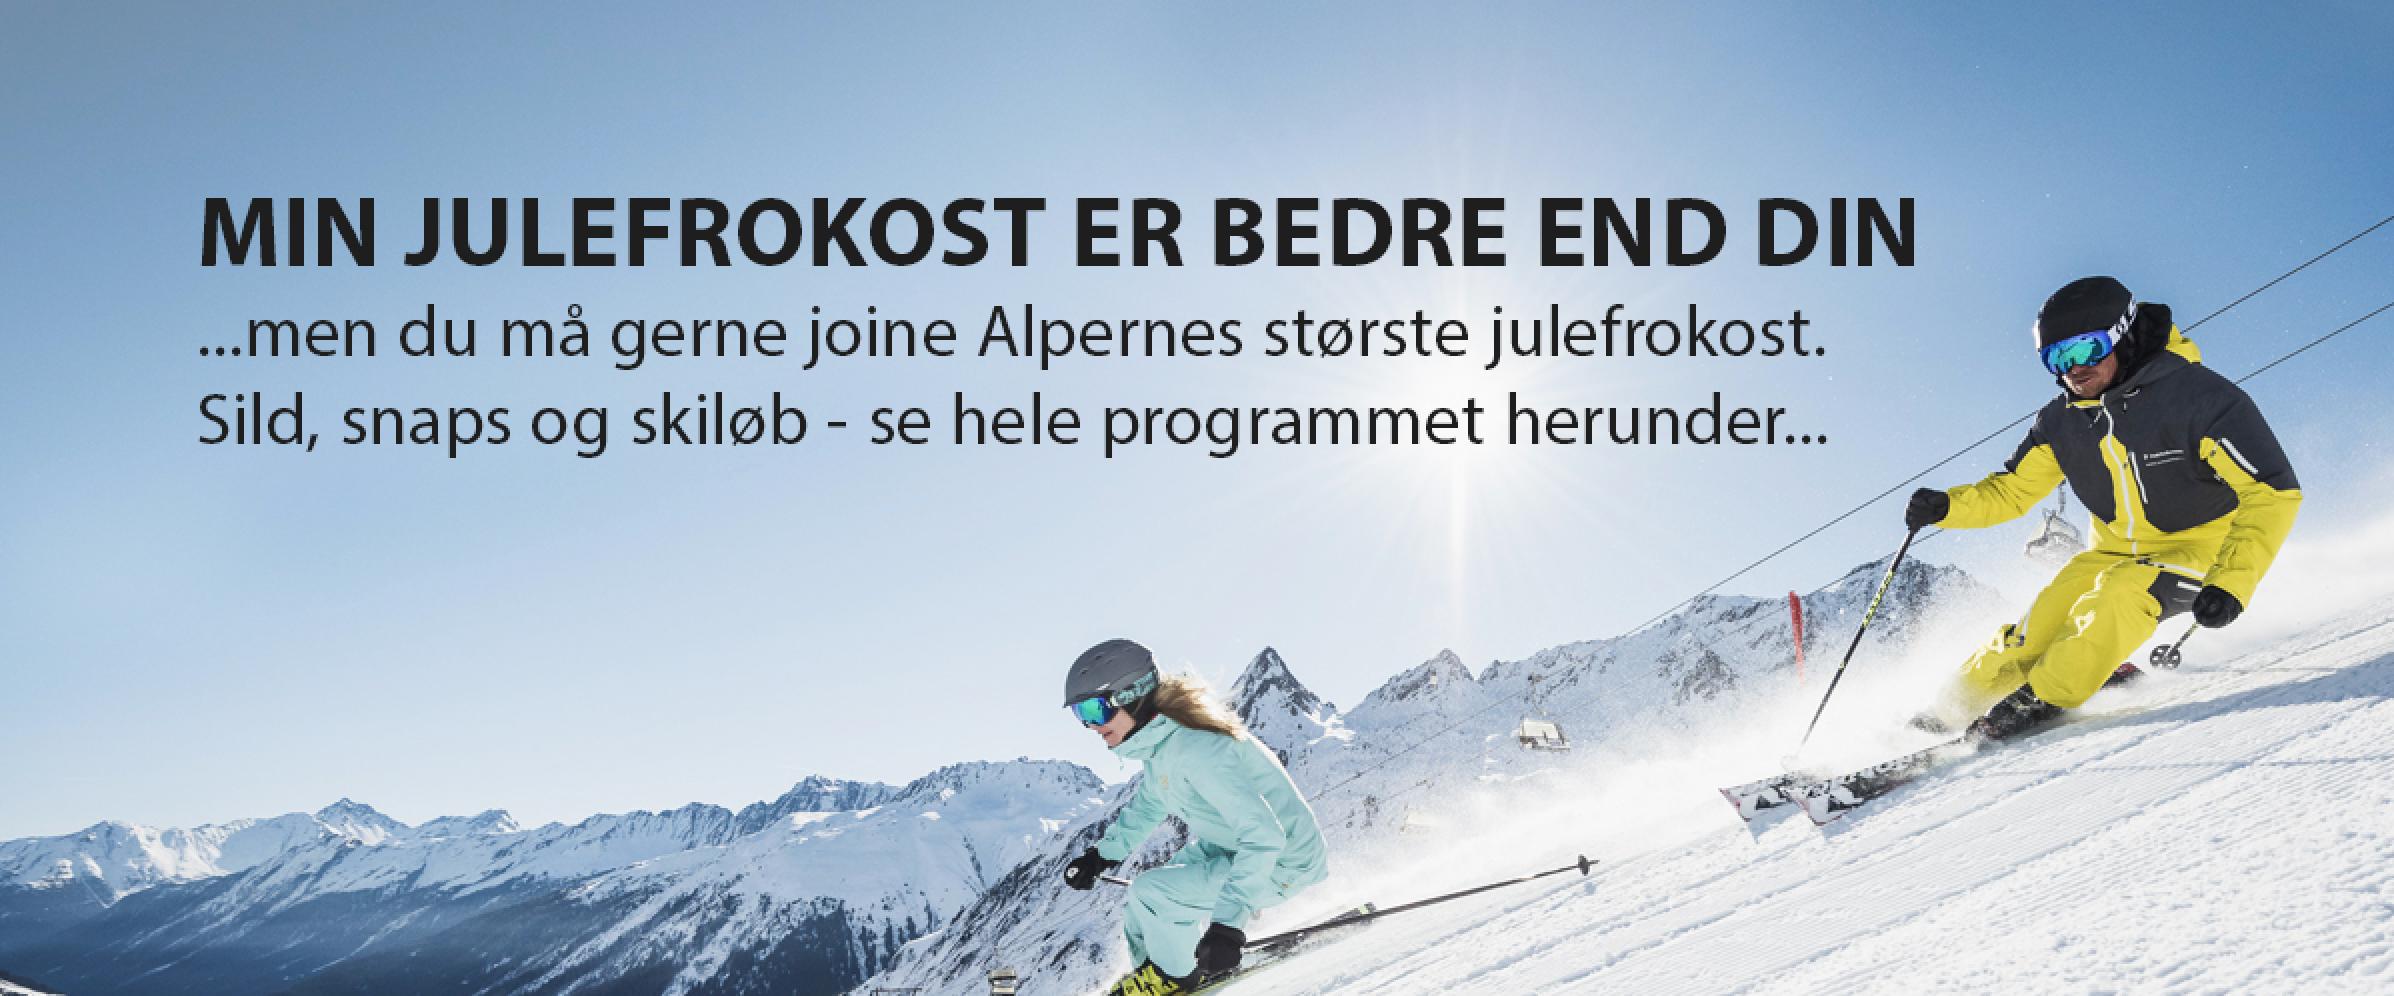 Du er hemed inviteret med til Alpernes største julefrokost4.jpg